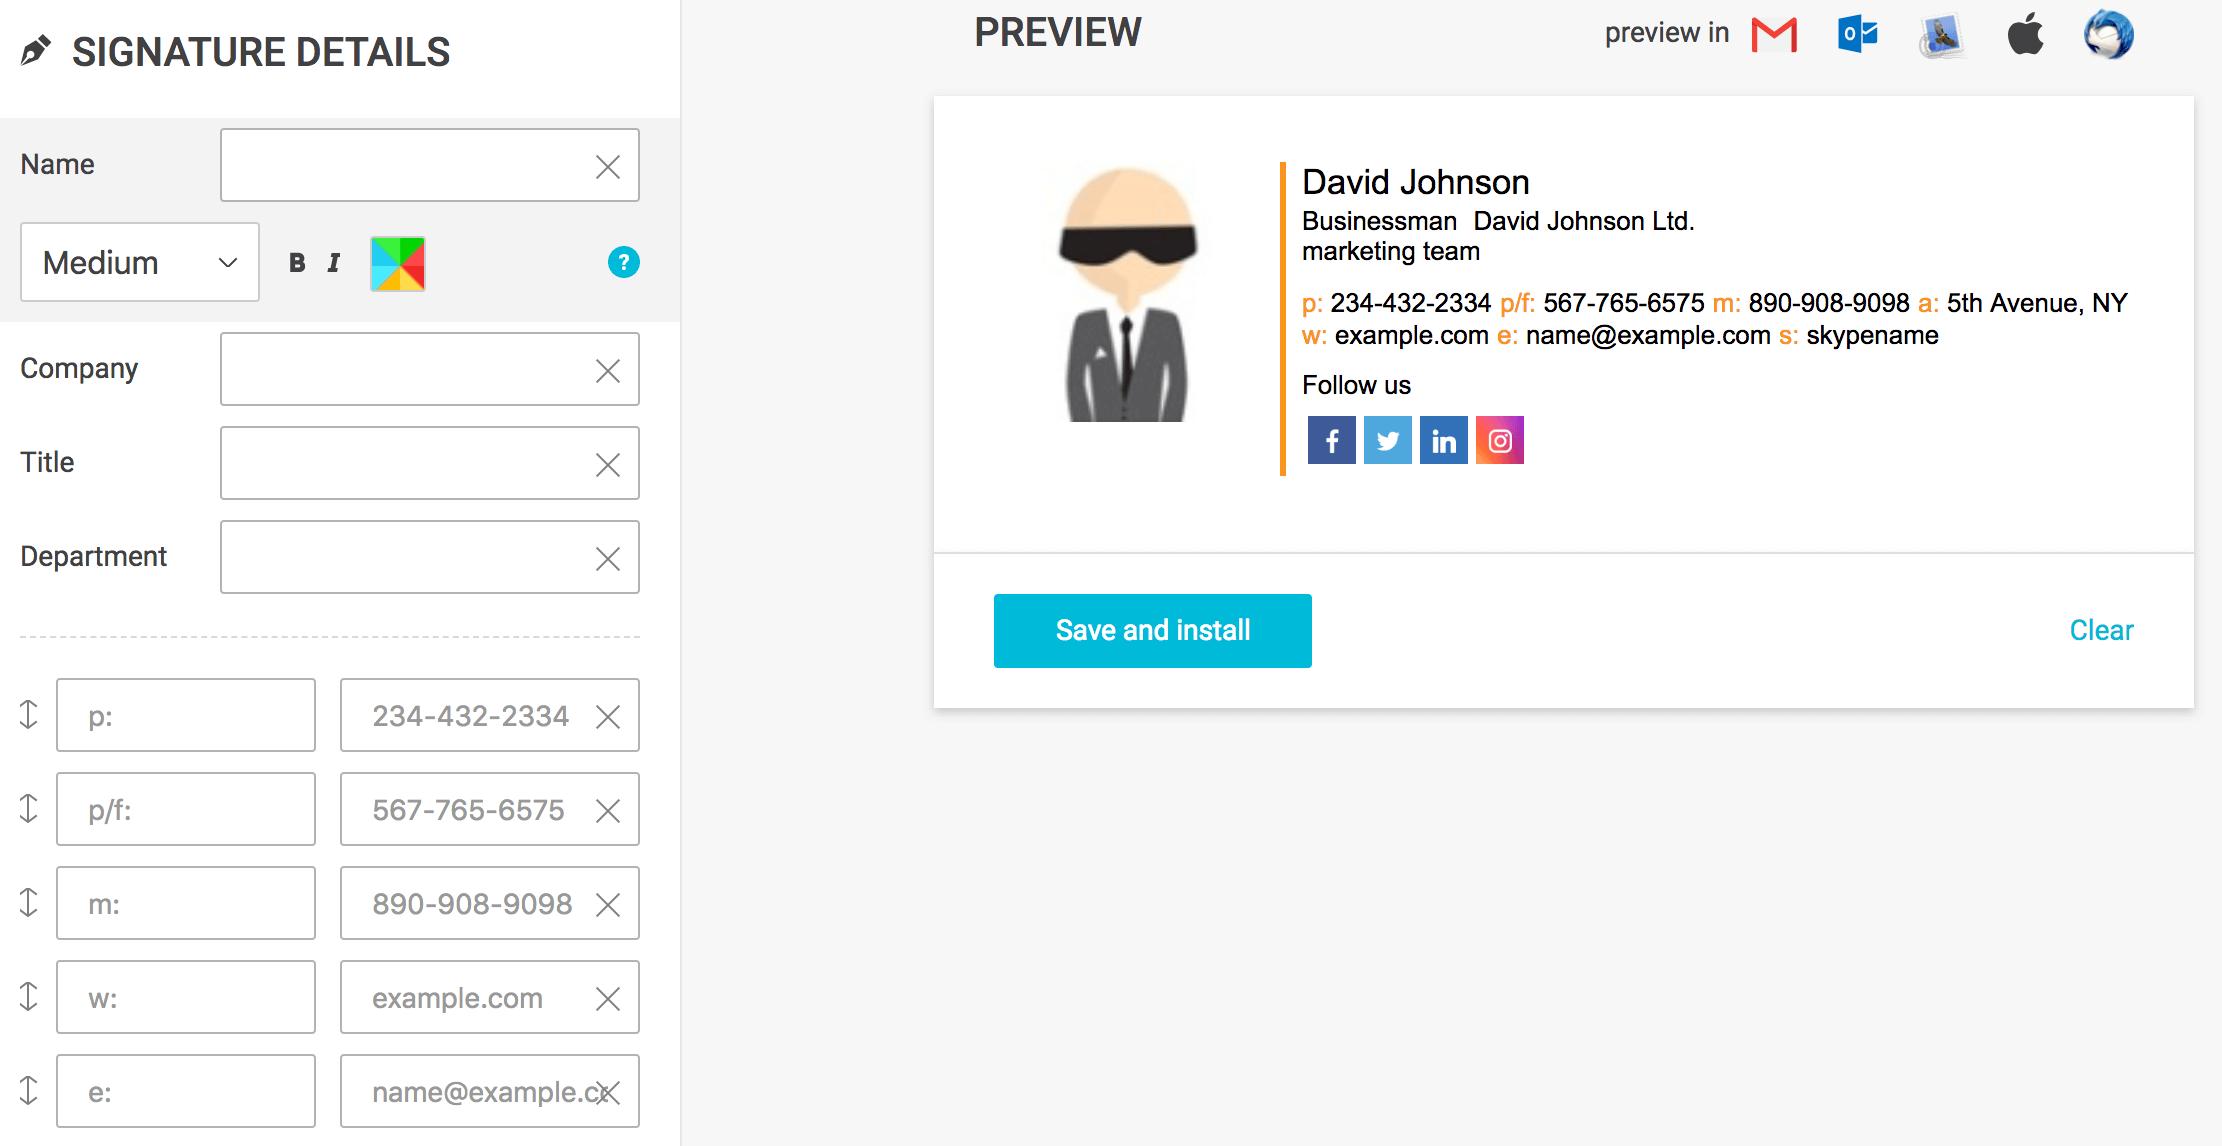 362081c4431 Créer une signature mail professionnelle (tutoriel et outils) en 5 min